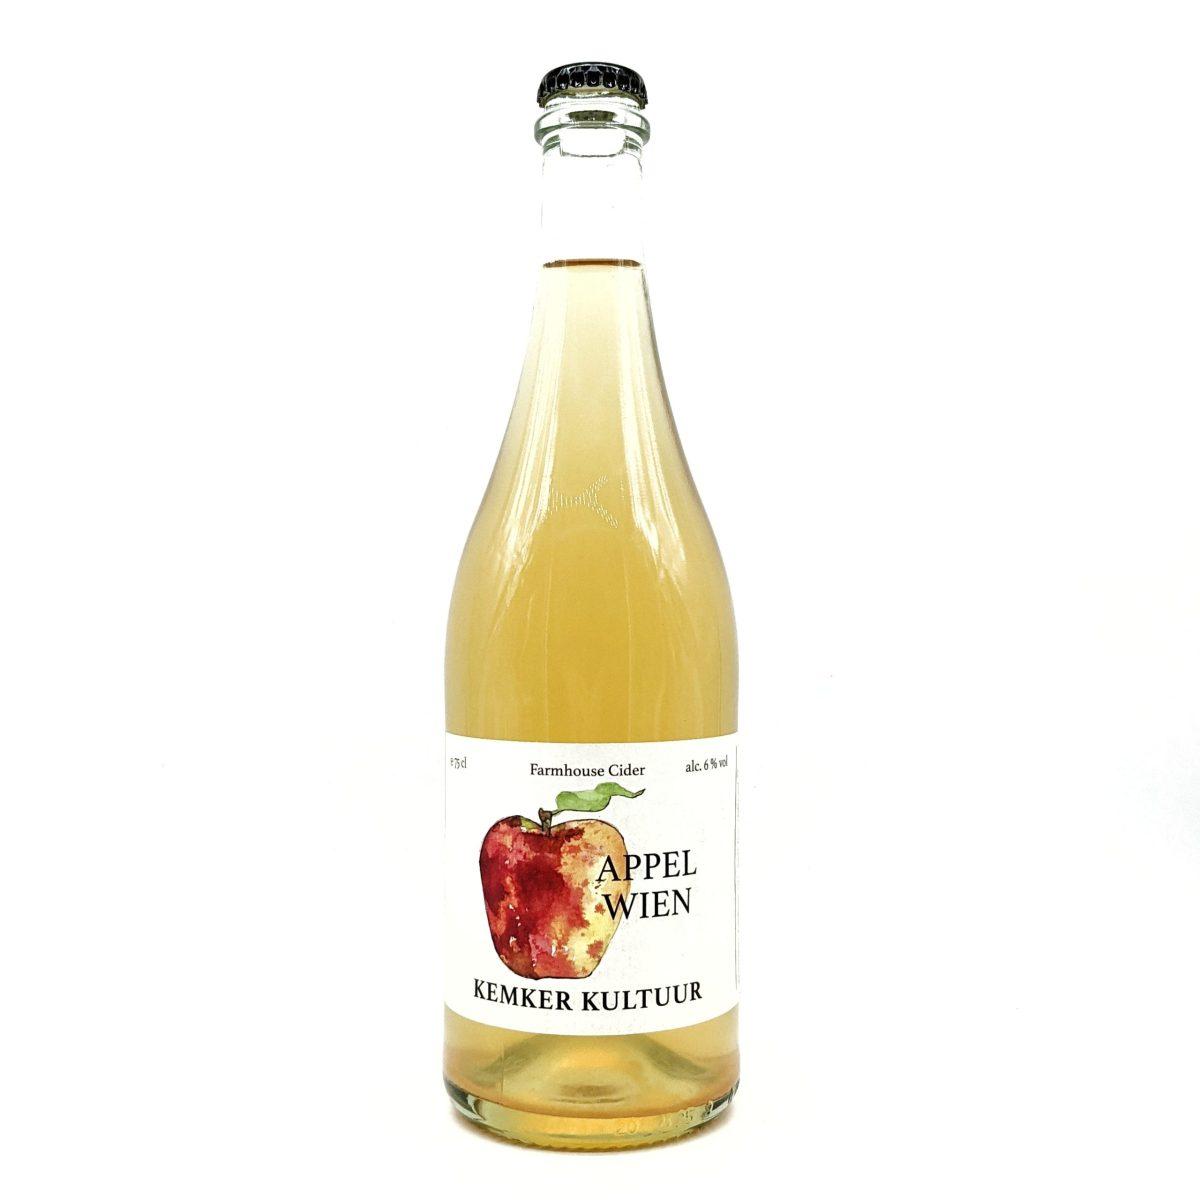 Appelwien 2020-03 - Kemker Kultuur